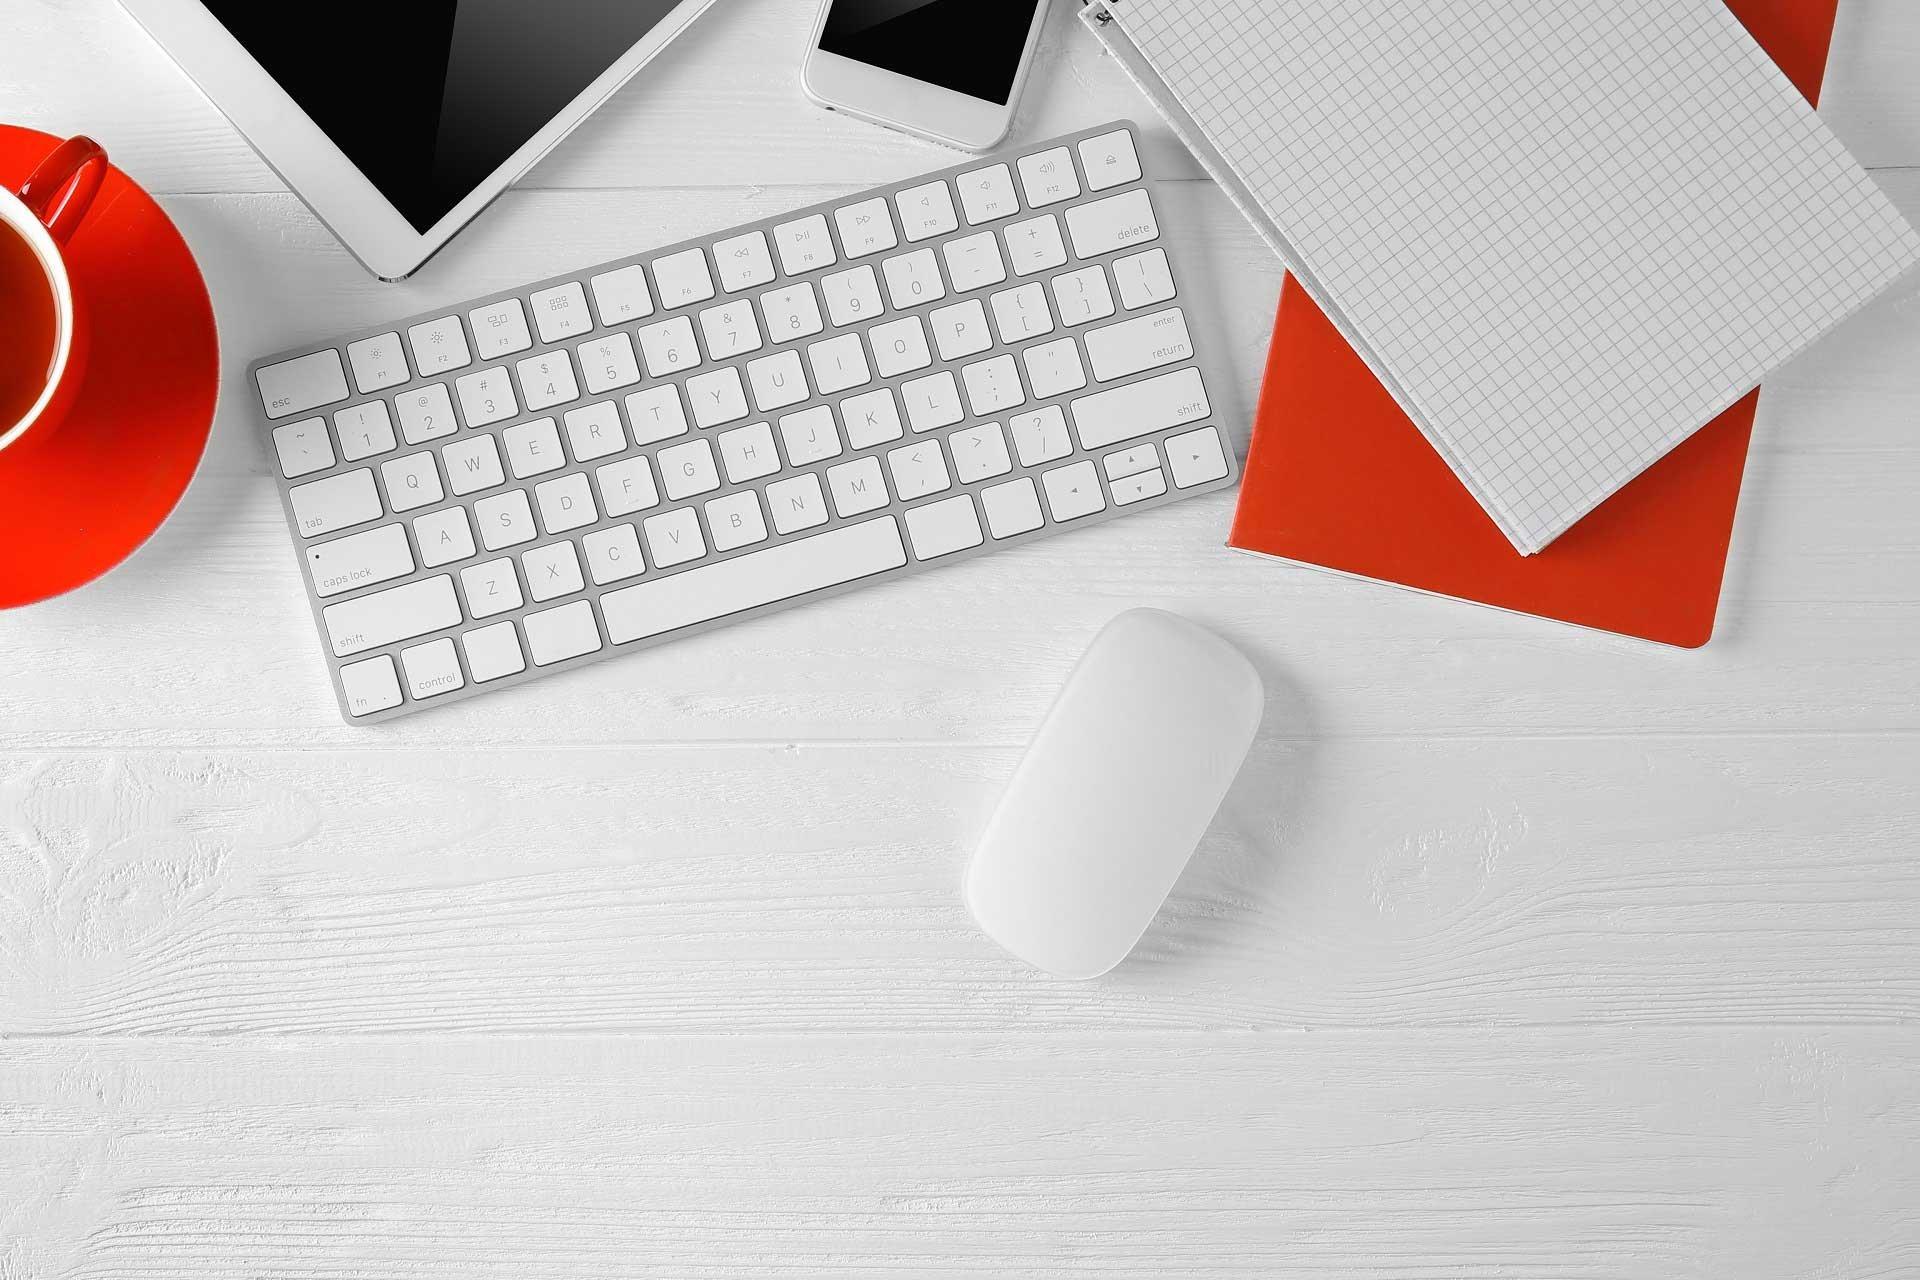 ACP X-tech Blog Smart Workspace Modern Workplace Digitaler Arbeitsplatz